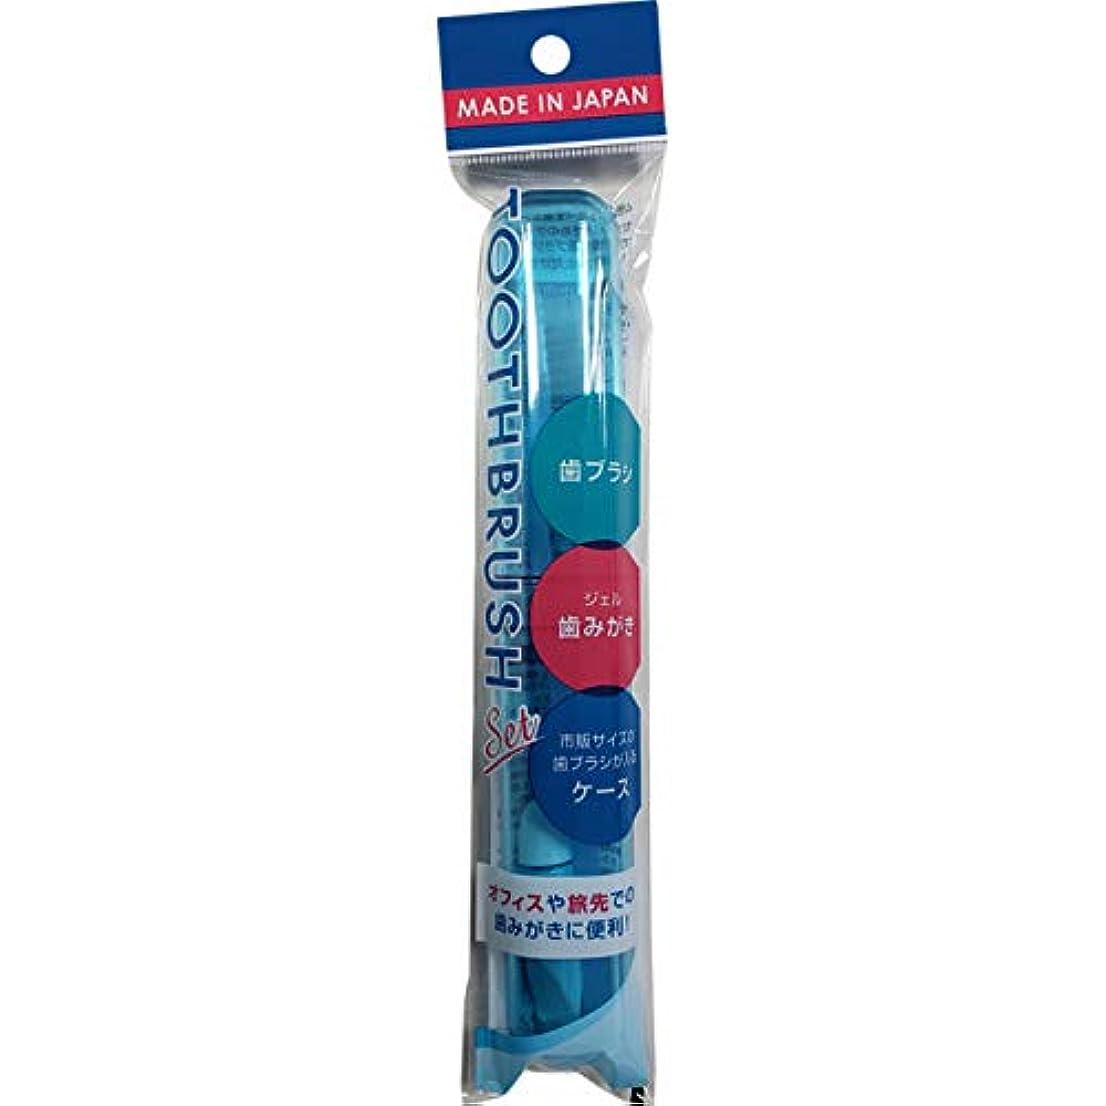 注文きらめくスキップ【4個セット】歯ブラシ&ジェル歯みがきケースセット